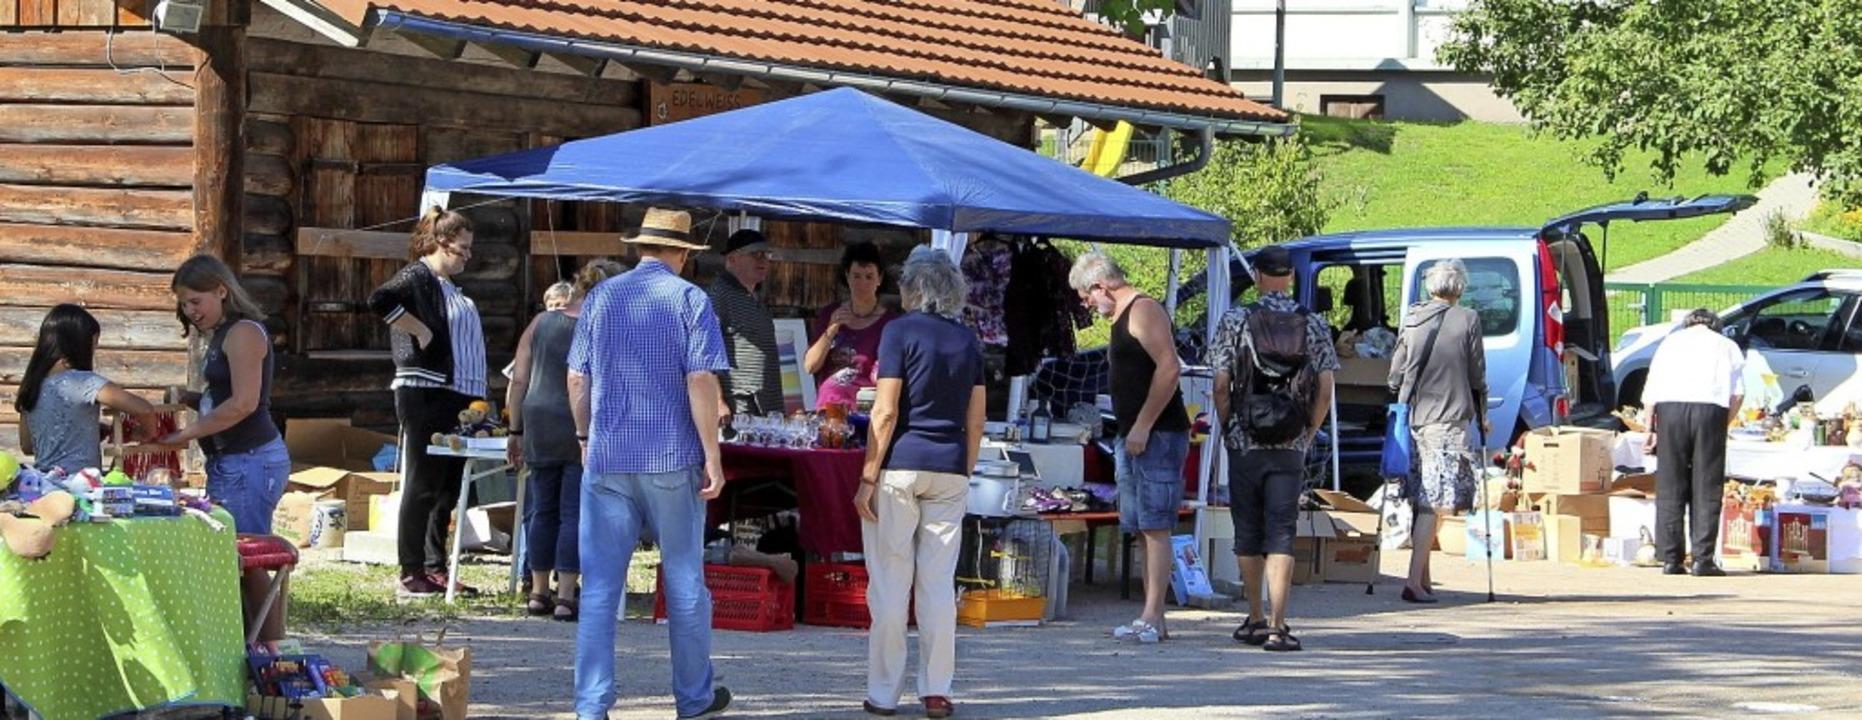 Dorfhock mit Flohmarkt Marzell  | Foto: Rolf-Dieter Kanmacher